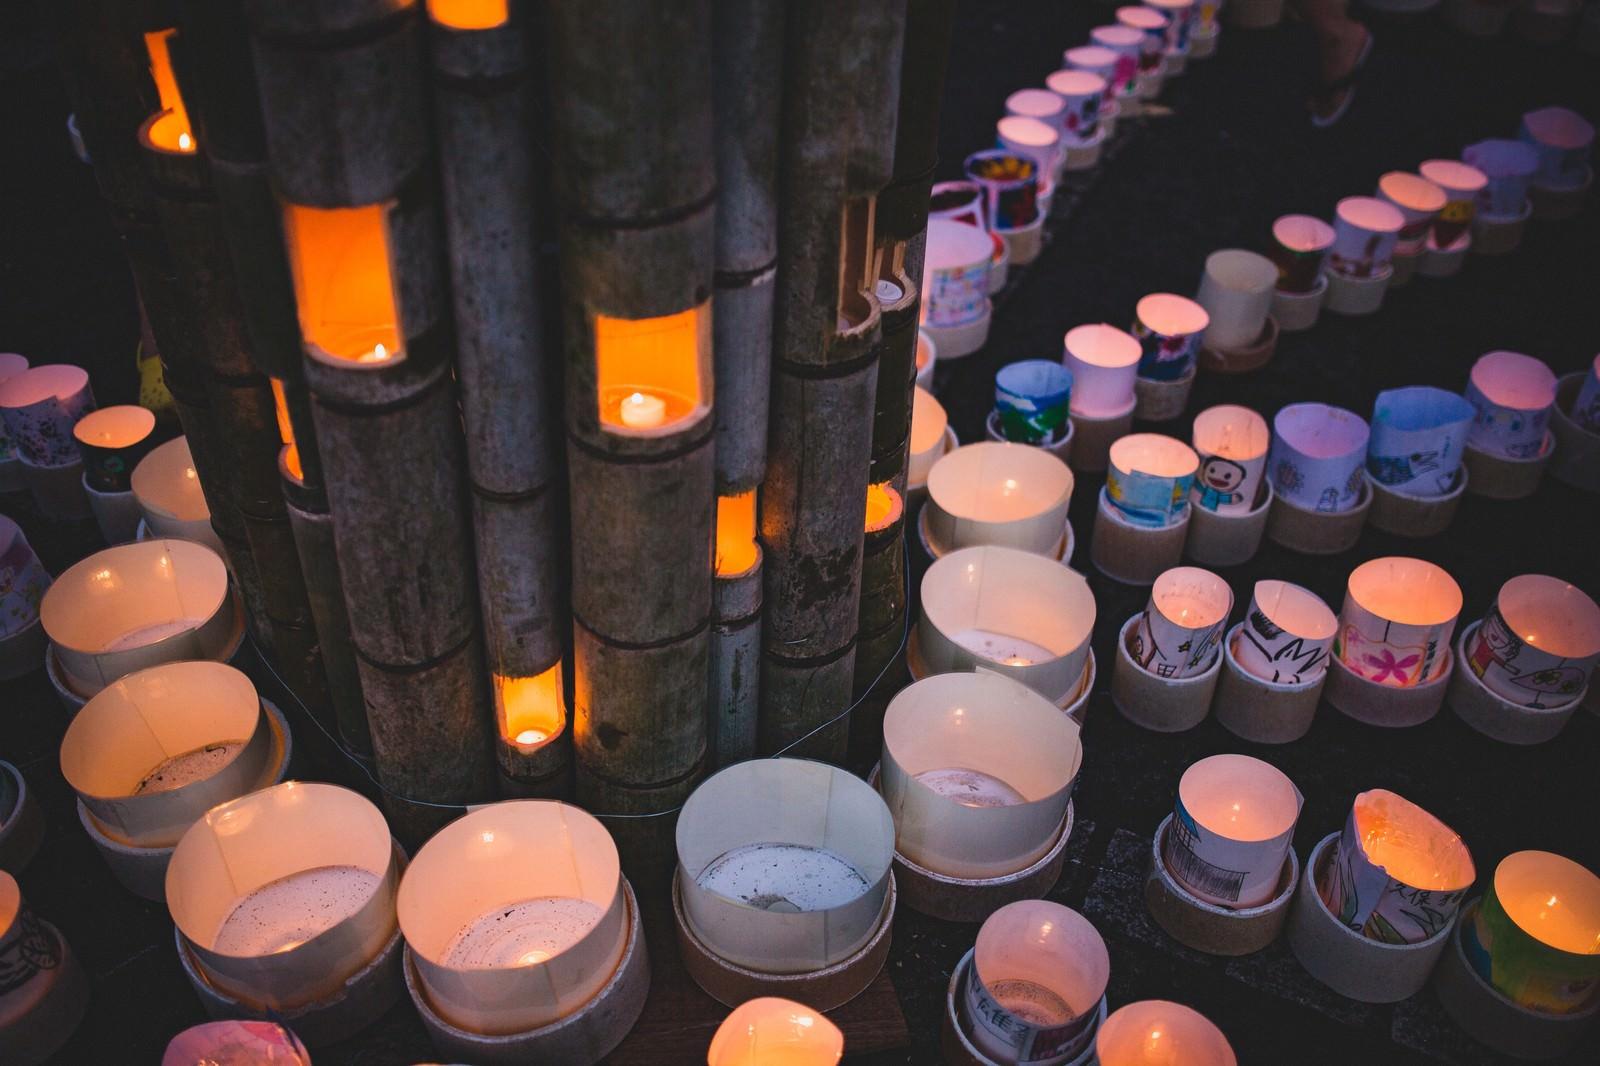 「竹灯ろうを磁器の灯ろうが囲む(ボシ灯ろうまつり)竹灯ろうを磁器の灯ろうが囲む(ボシ灯ろうまつり)」のフリー写真素材を拡大